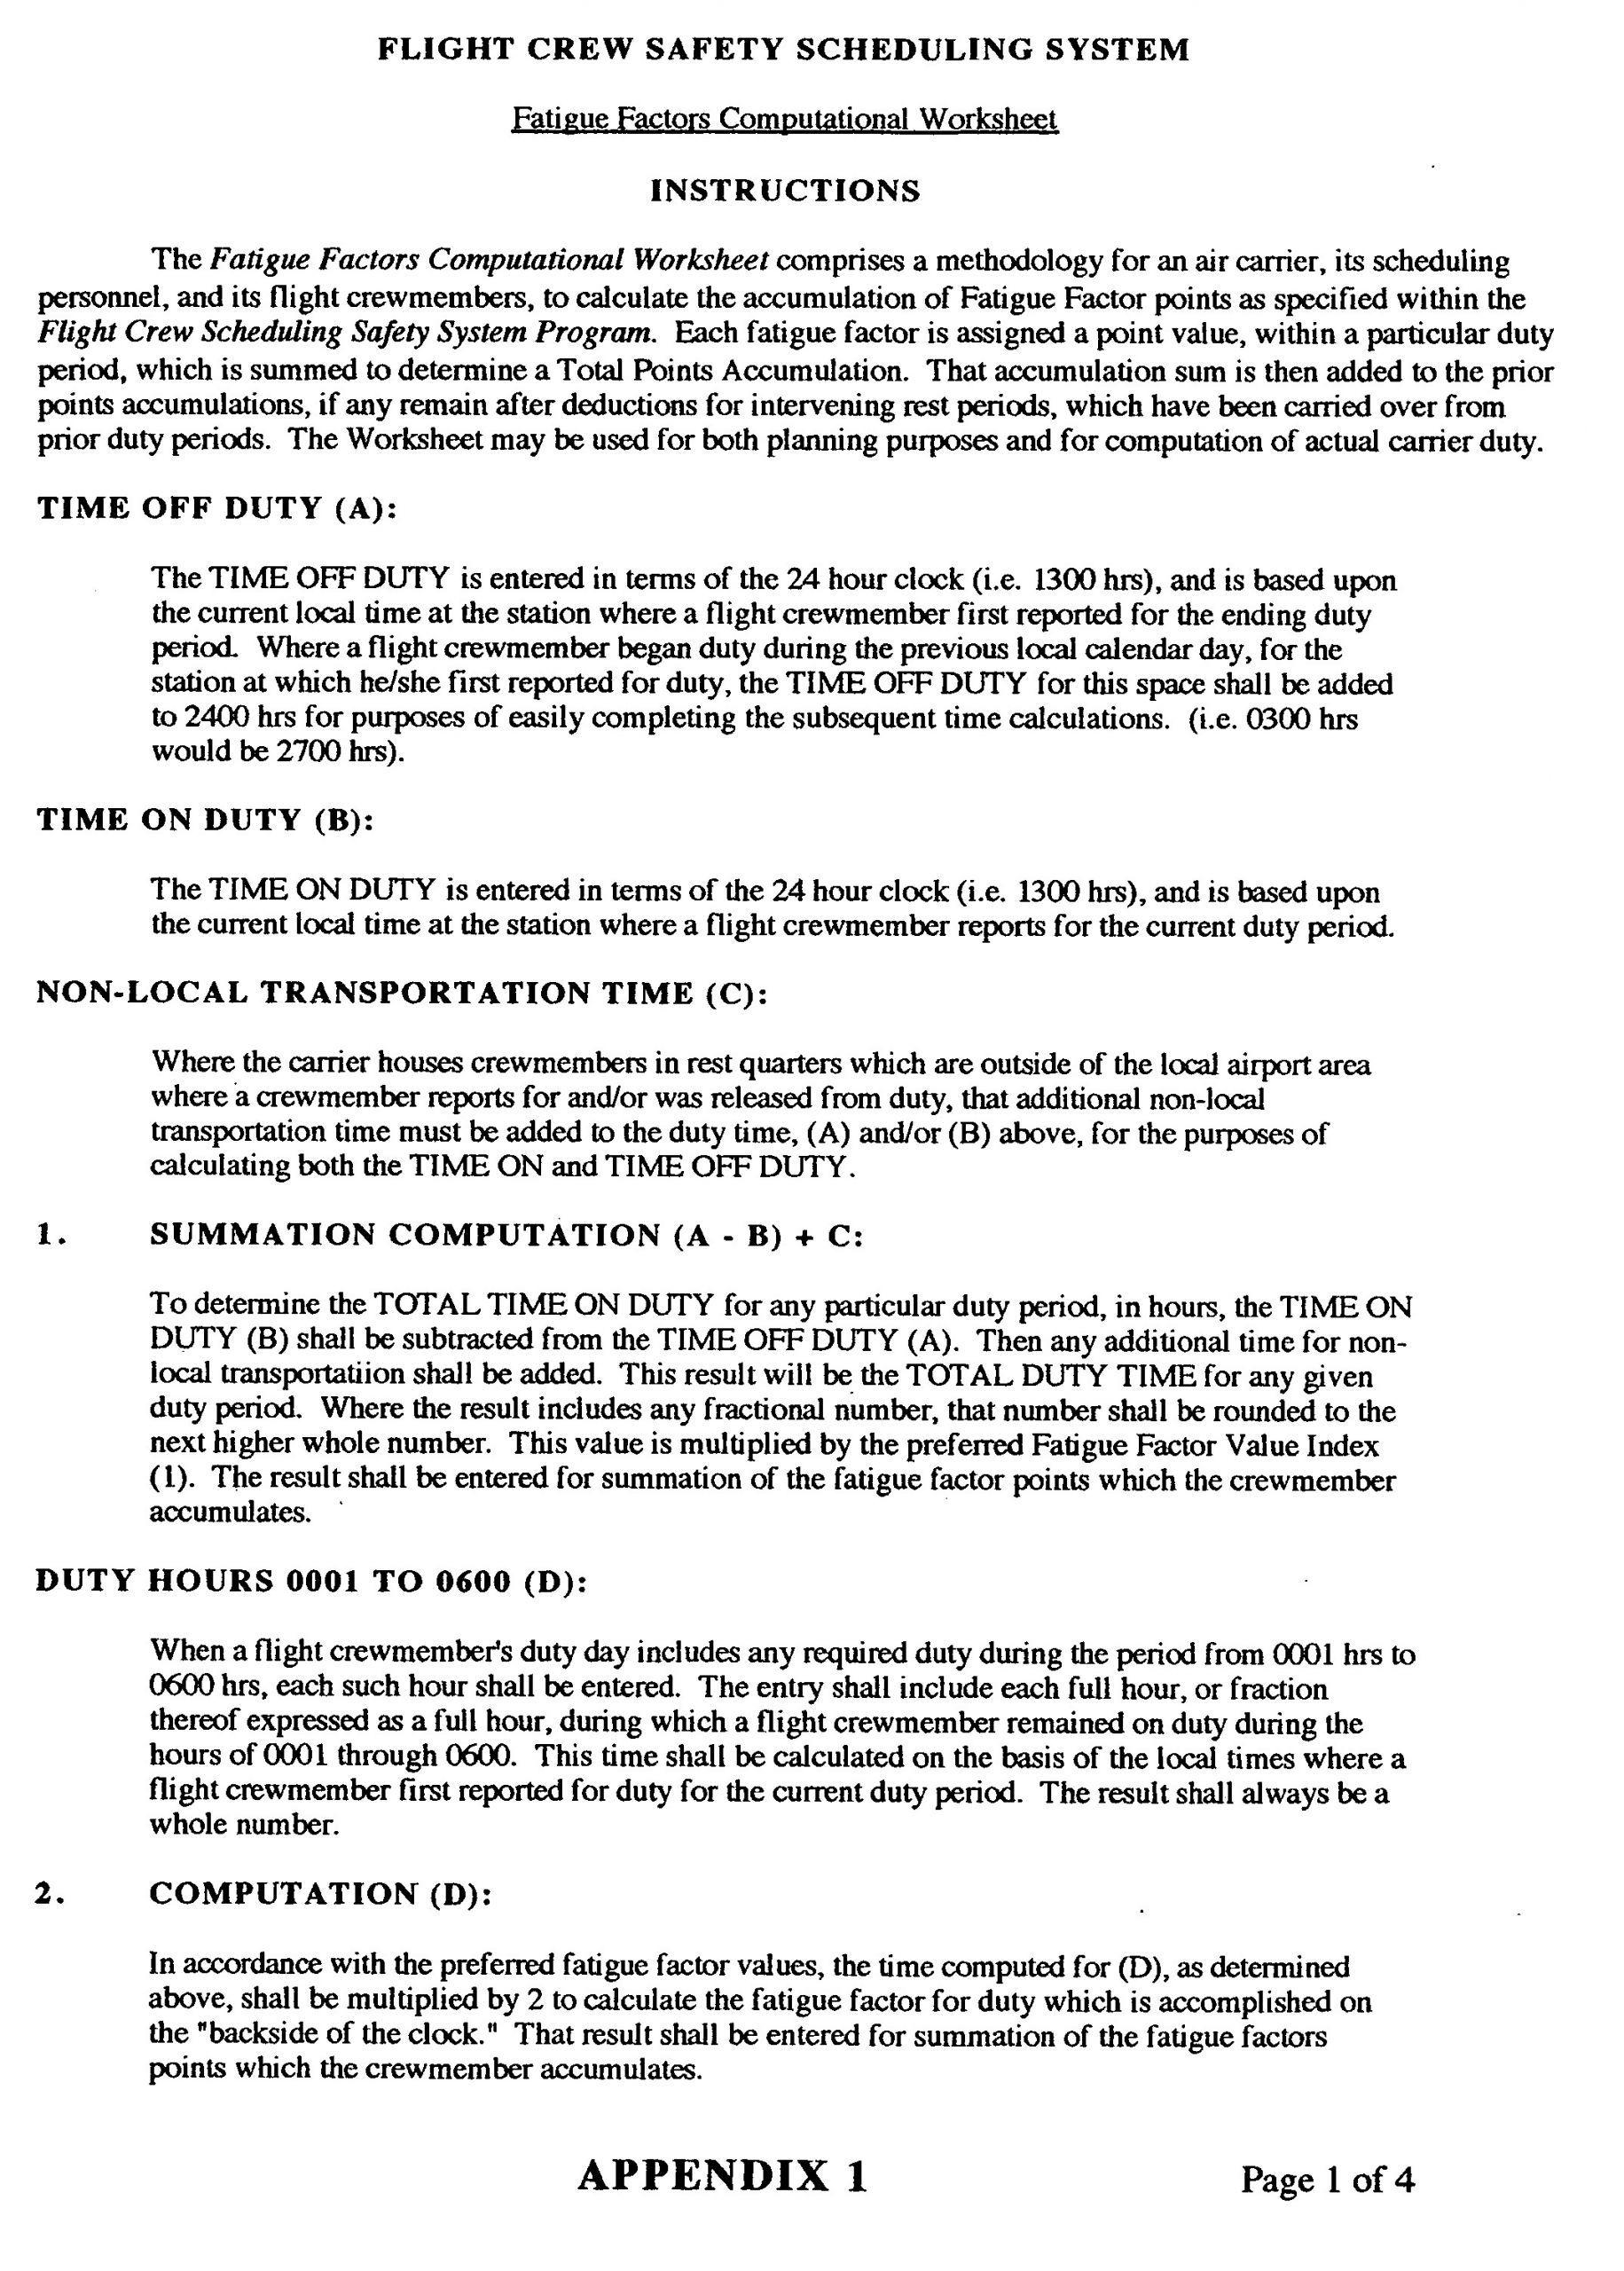 5 Transportation Safety Worksheets In